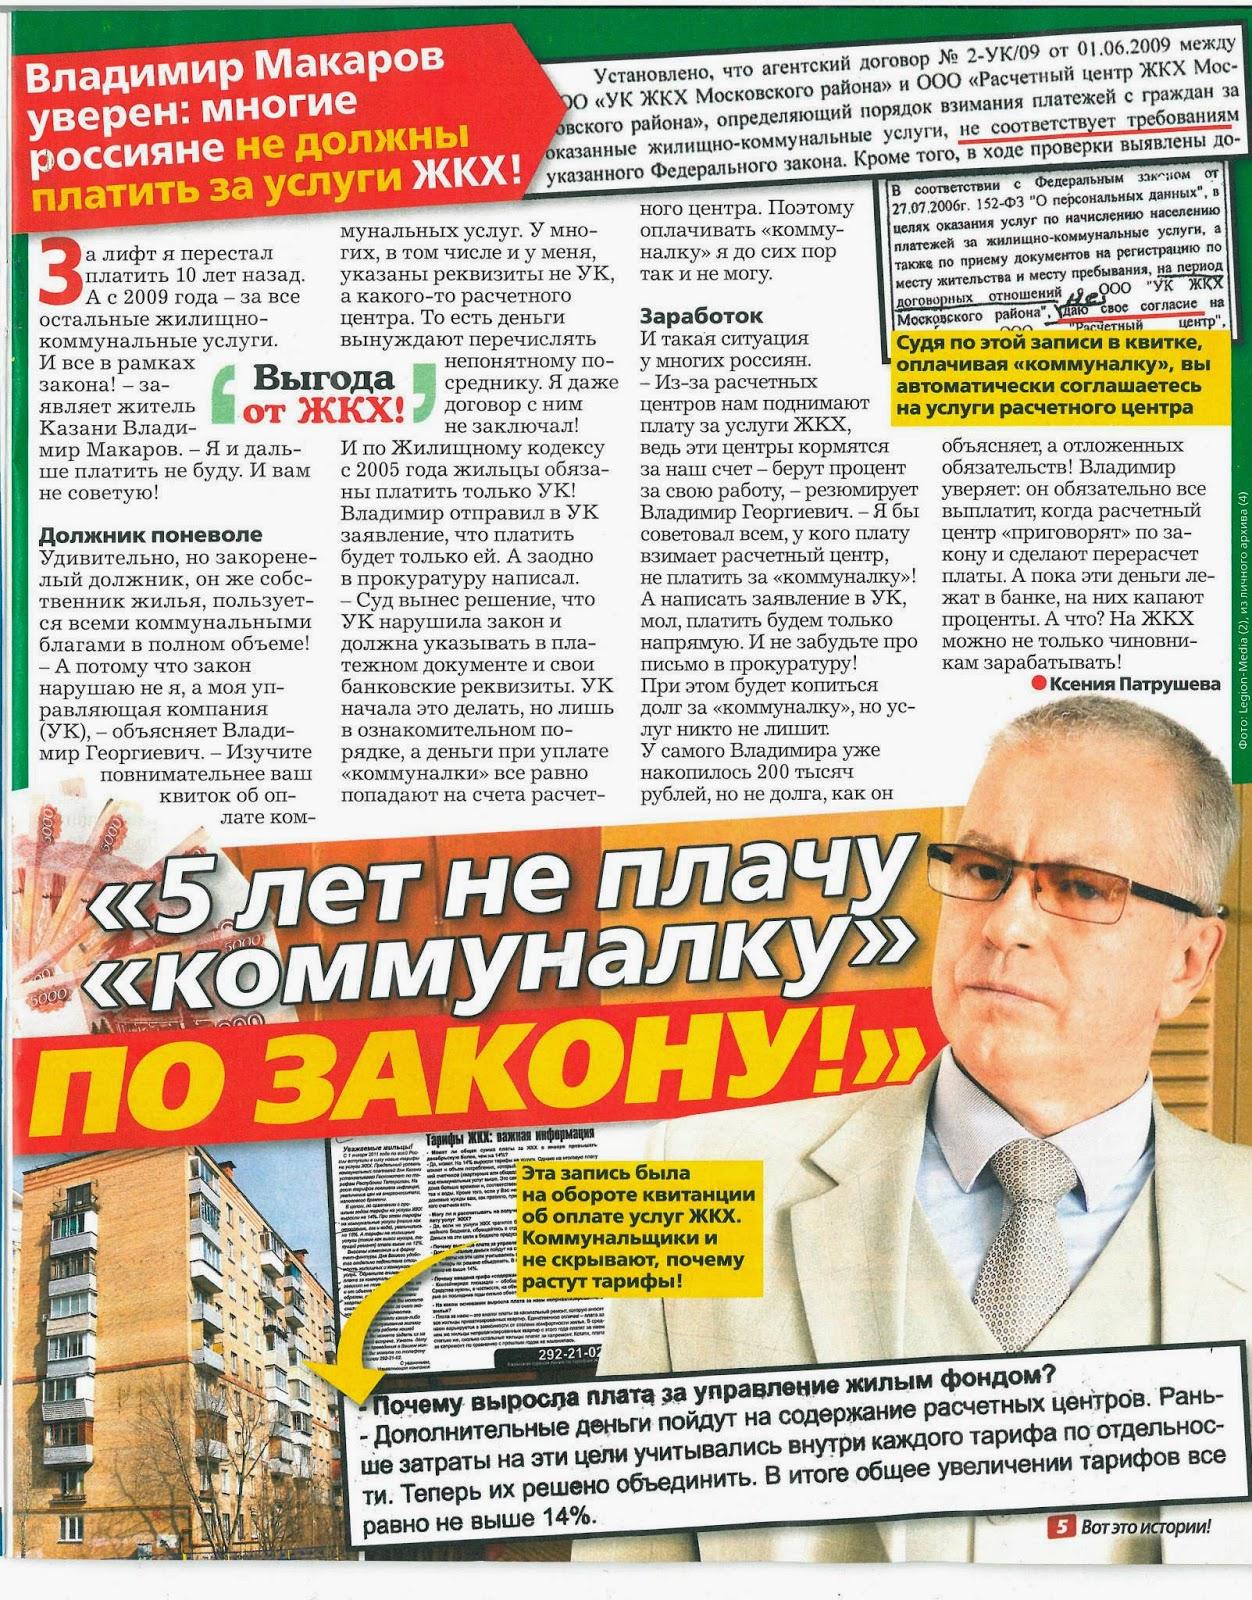 Консультации по ЖКХ | Юрист по ЖКХ | Московская